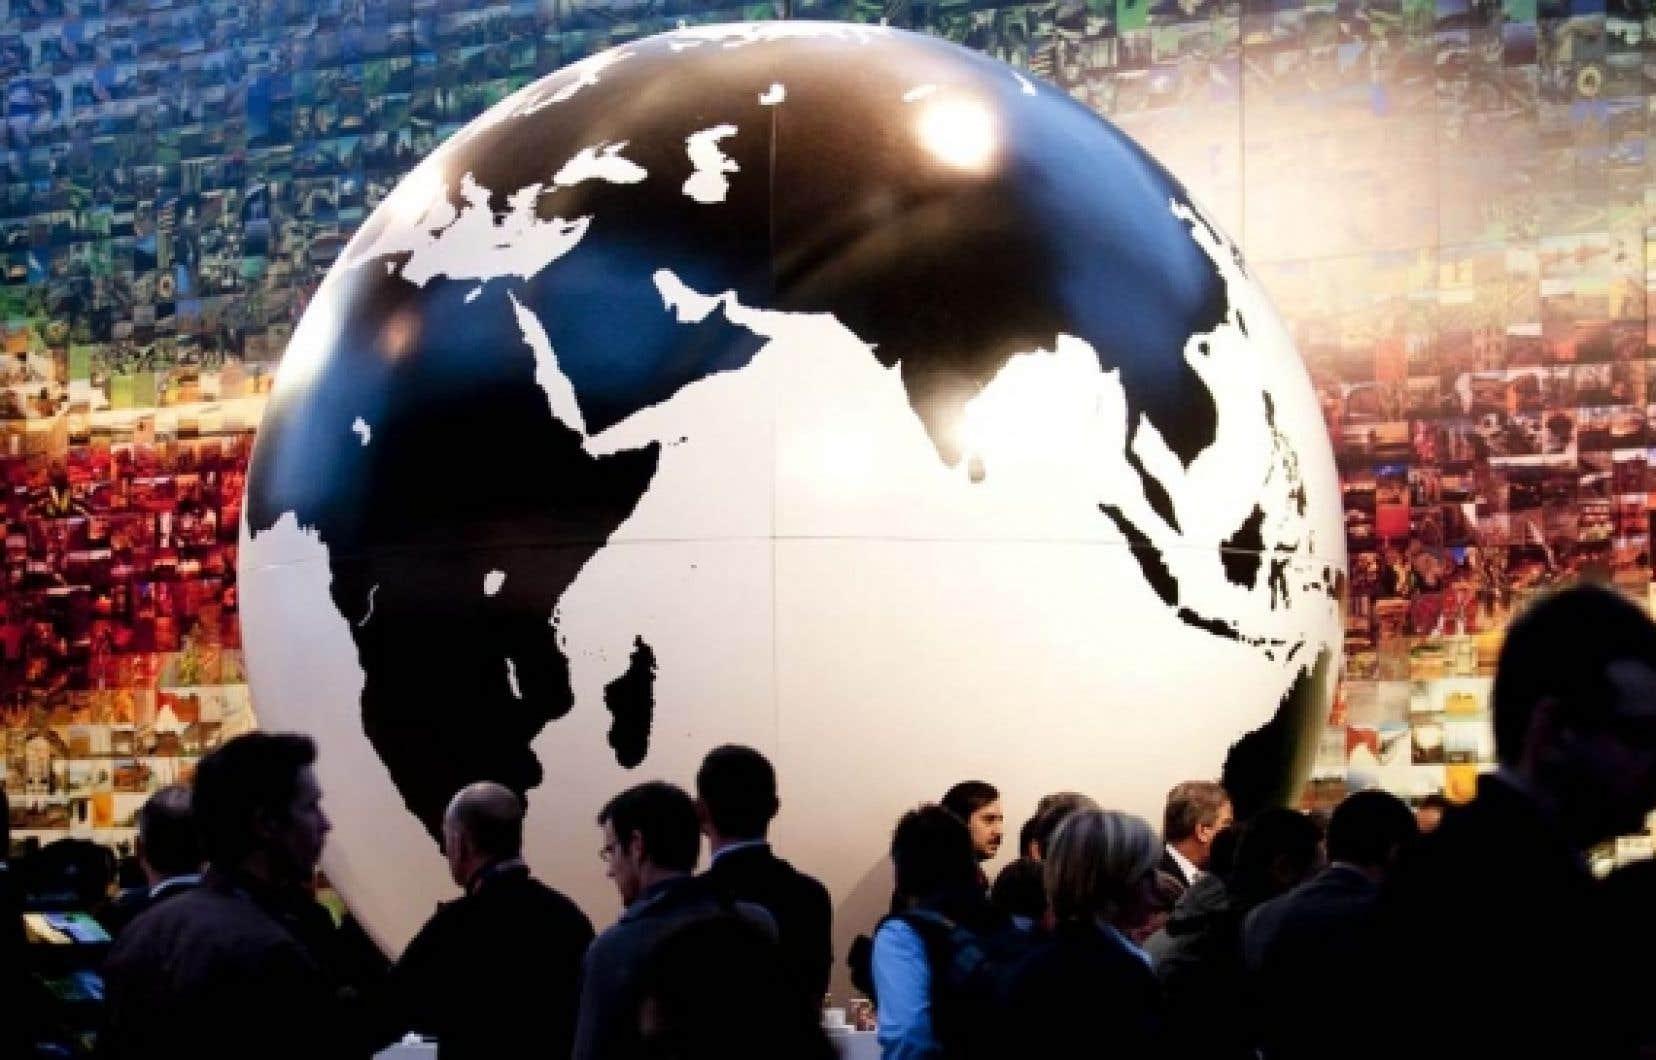 Les délégués s'affairent aujourd'hui pour tenter de sauver la conférence de Copenhague